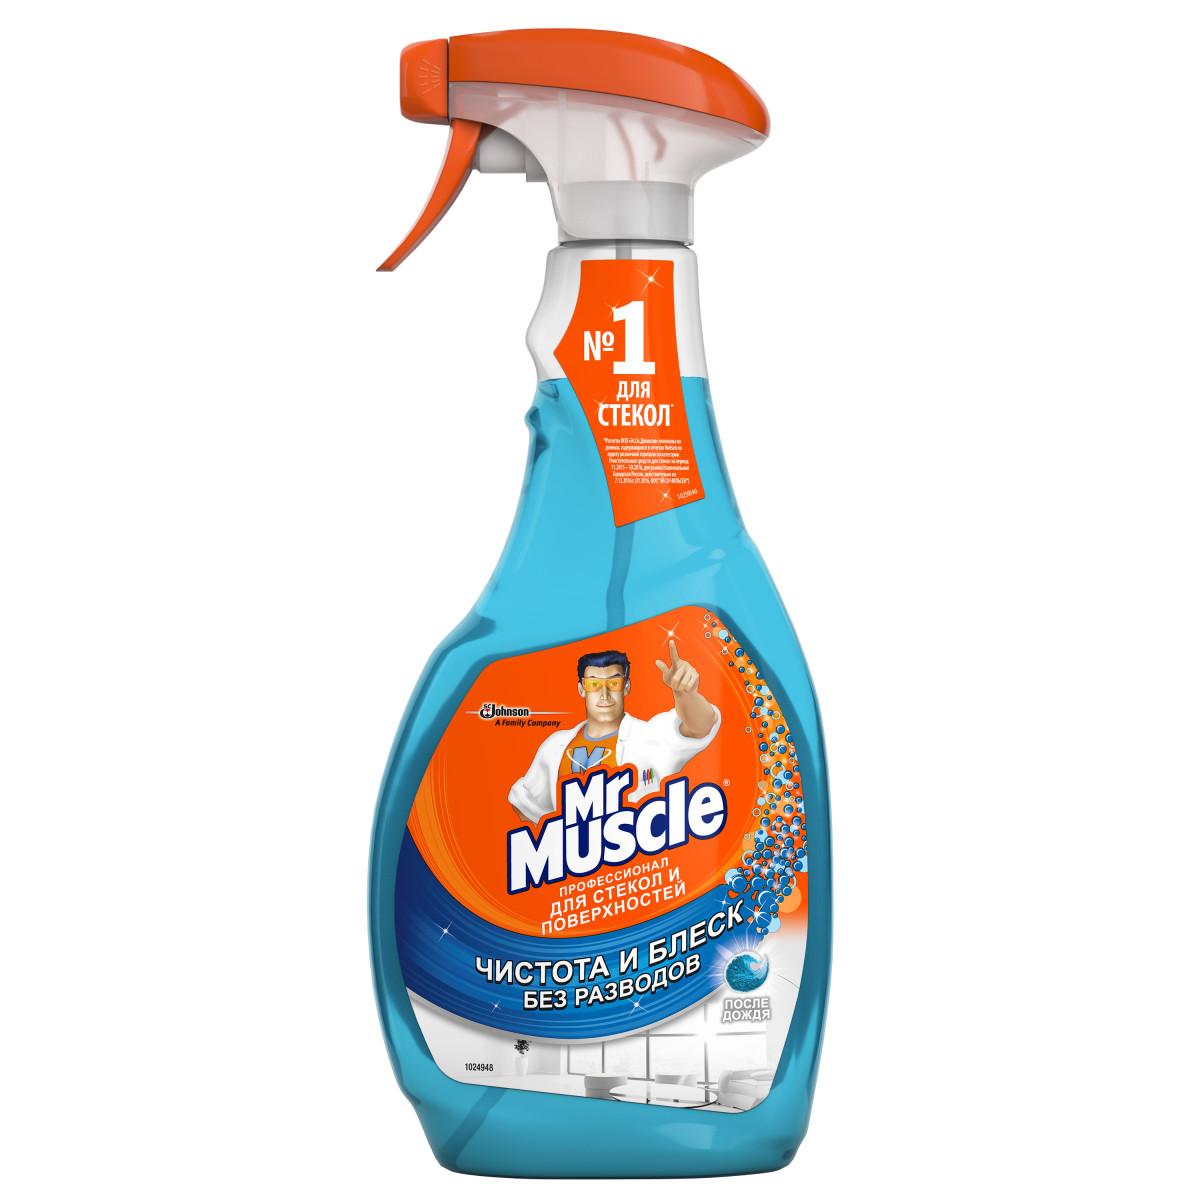 Средство для чистки стекол спрей Mr. Muscle После дождя  0.5 л